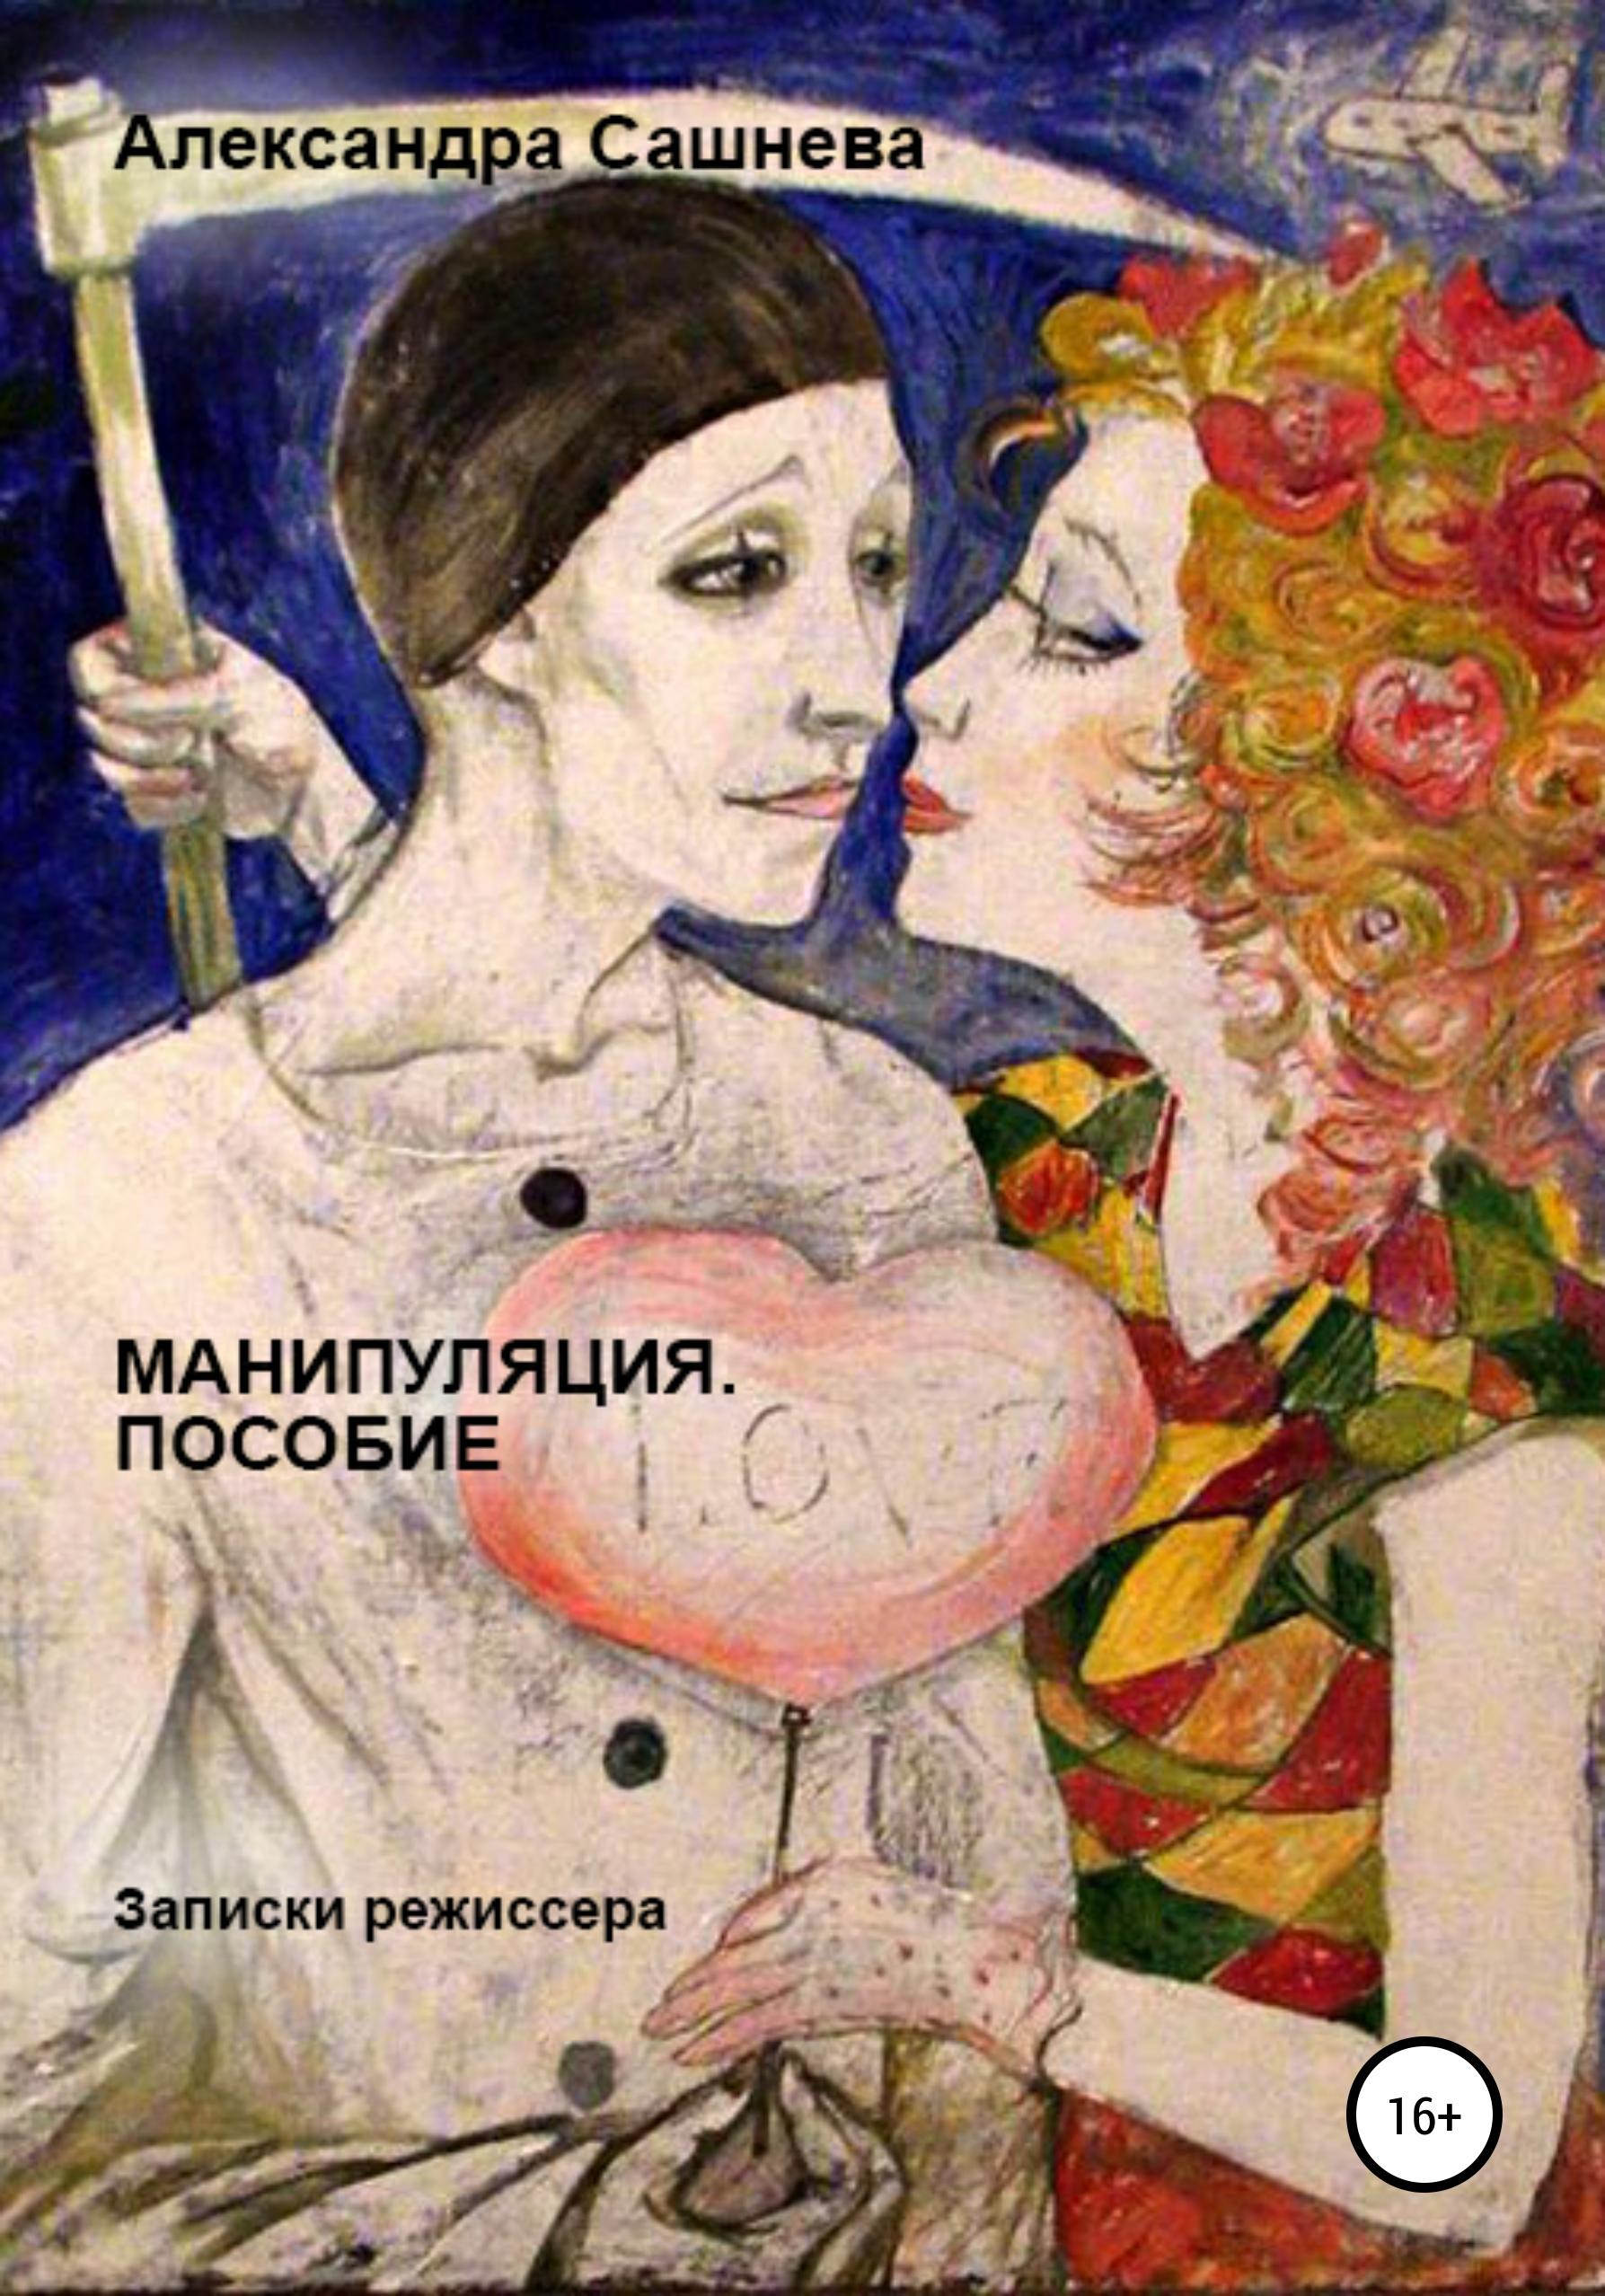 Купить книгу Манипуляция. Пособие, автора Александры Сашневой